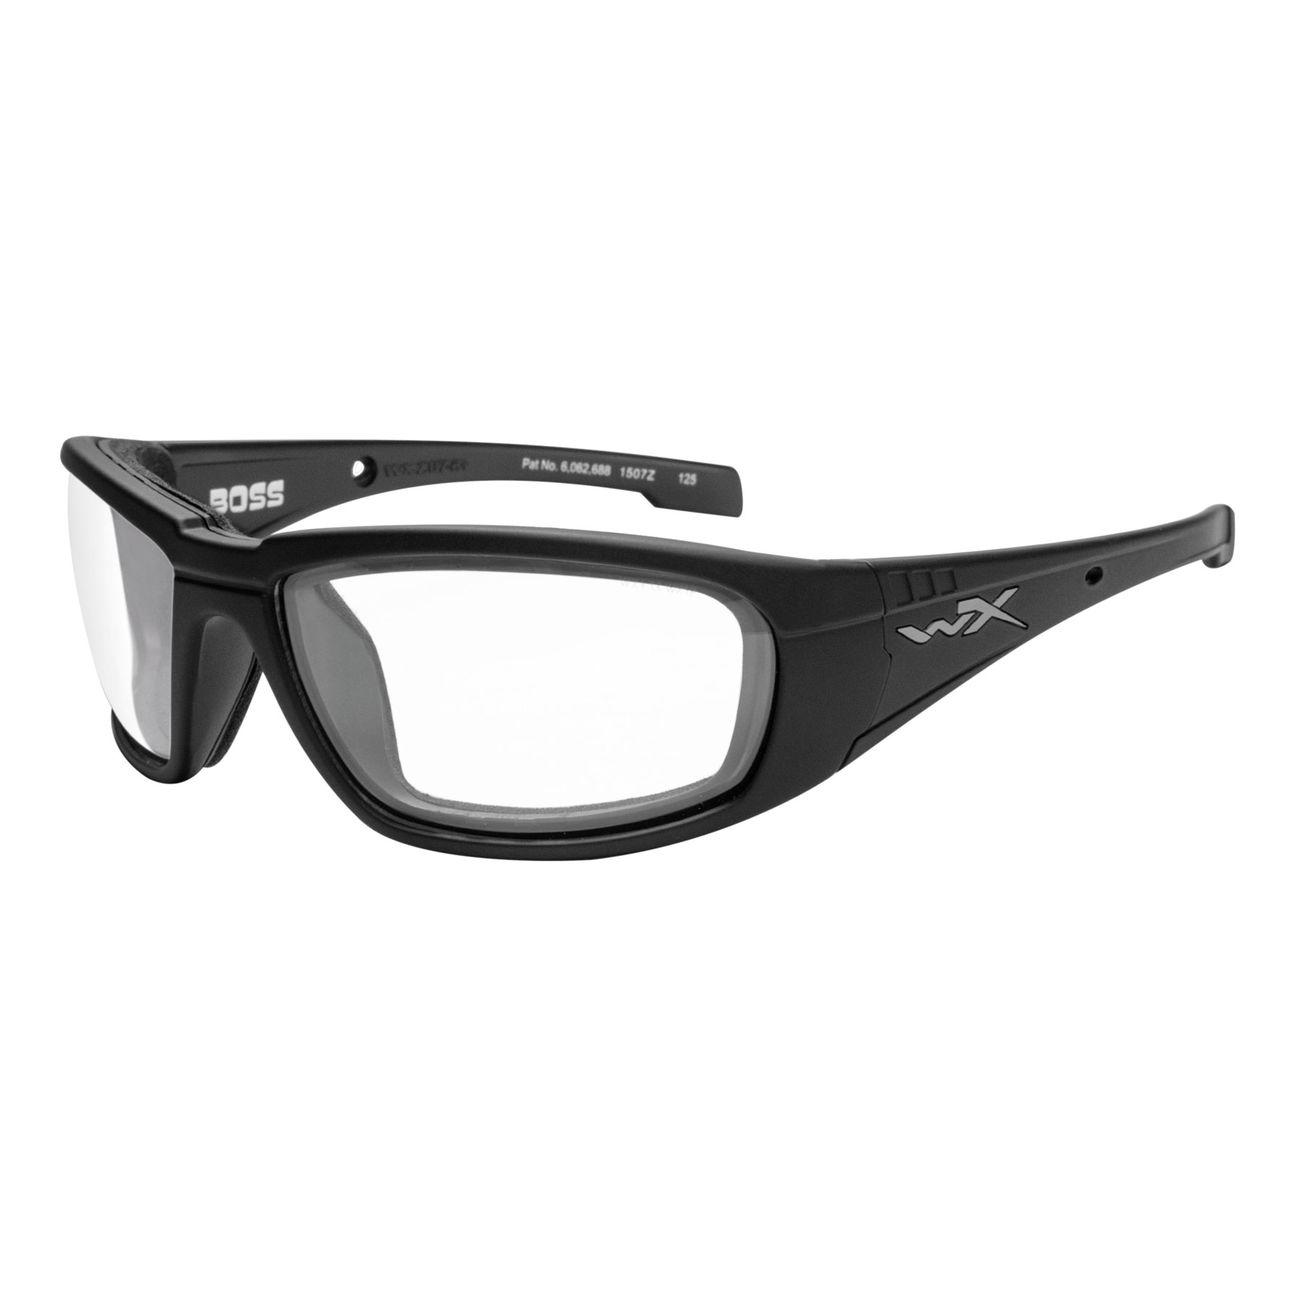 Wiley X Brille Boss matt schwarz klar günstig kaufen - Kotte & Zeller